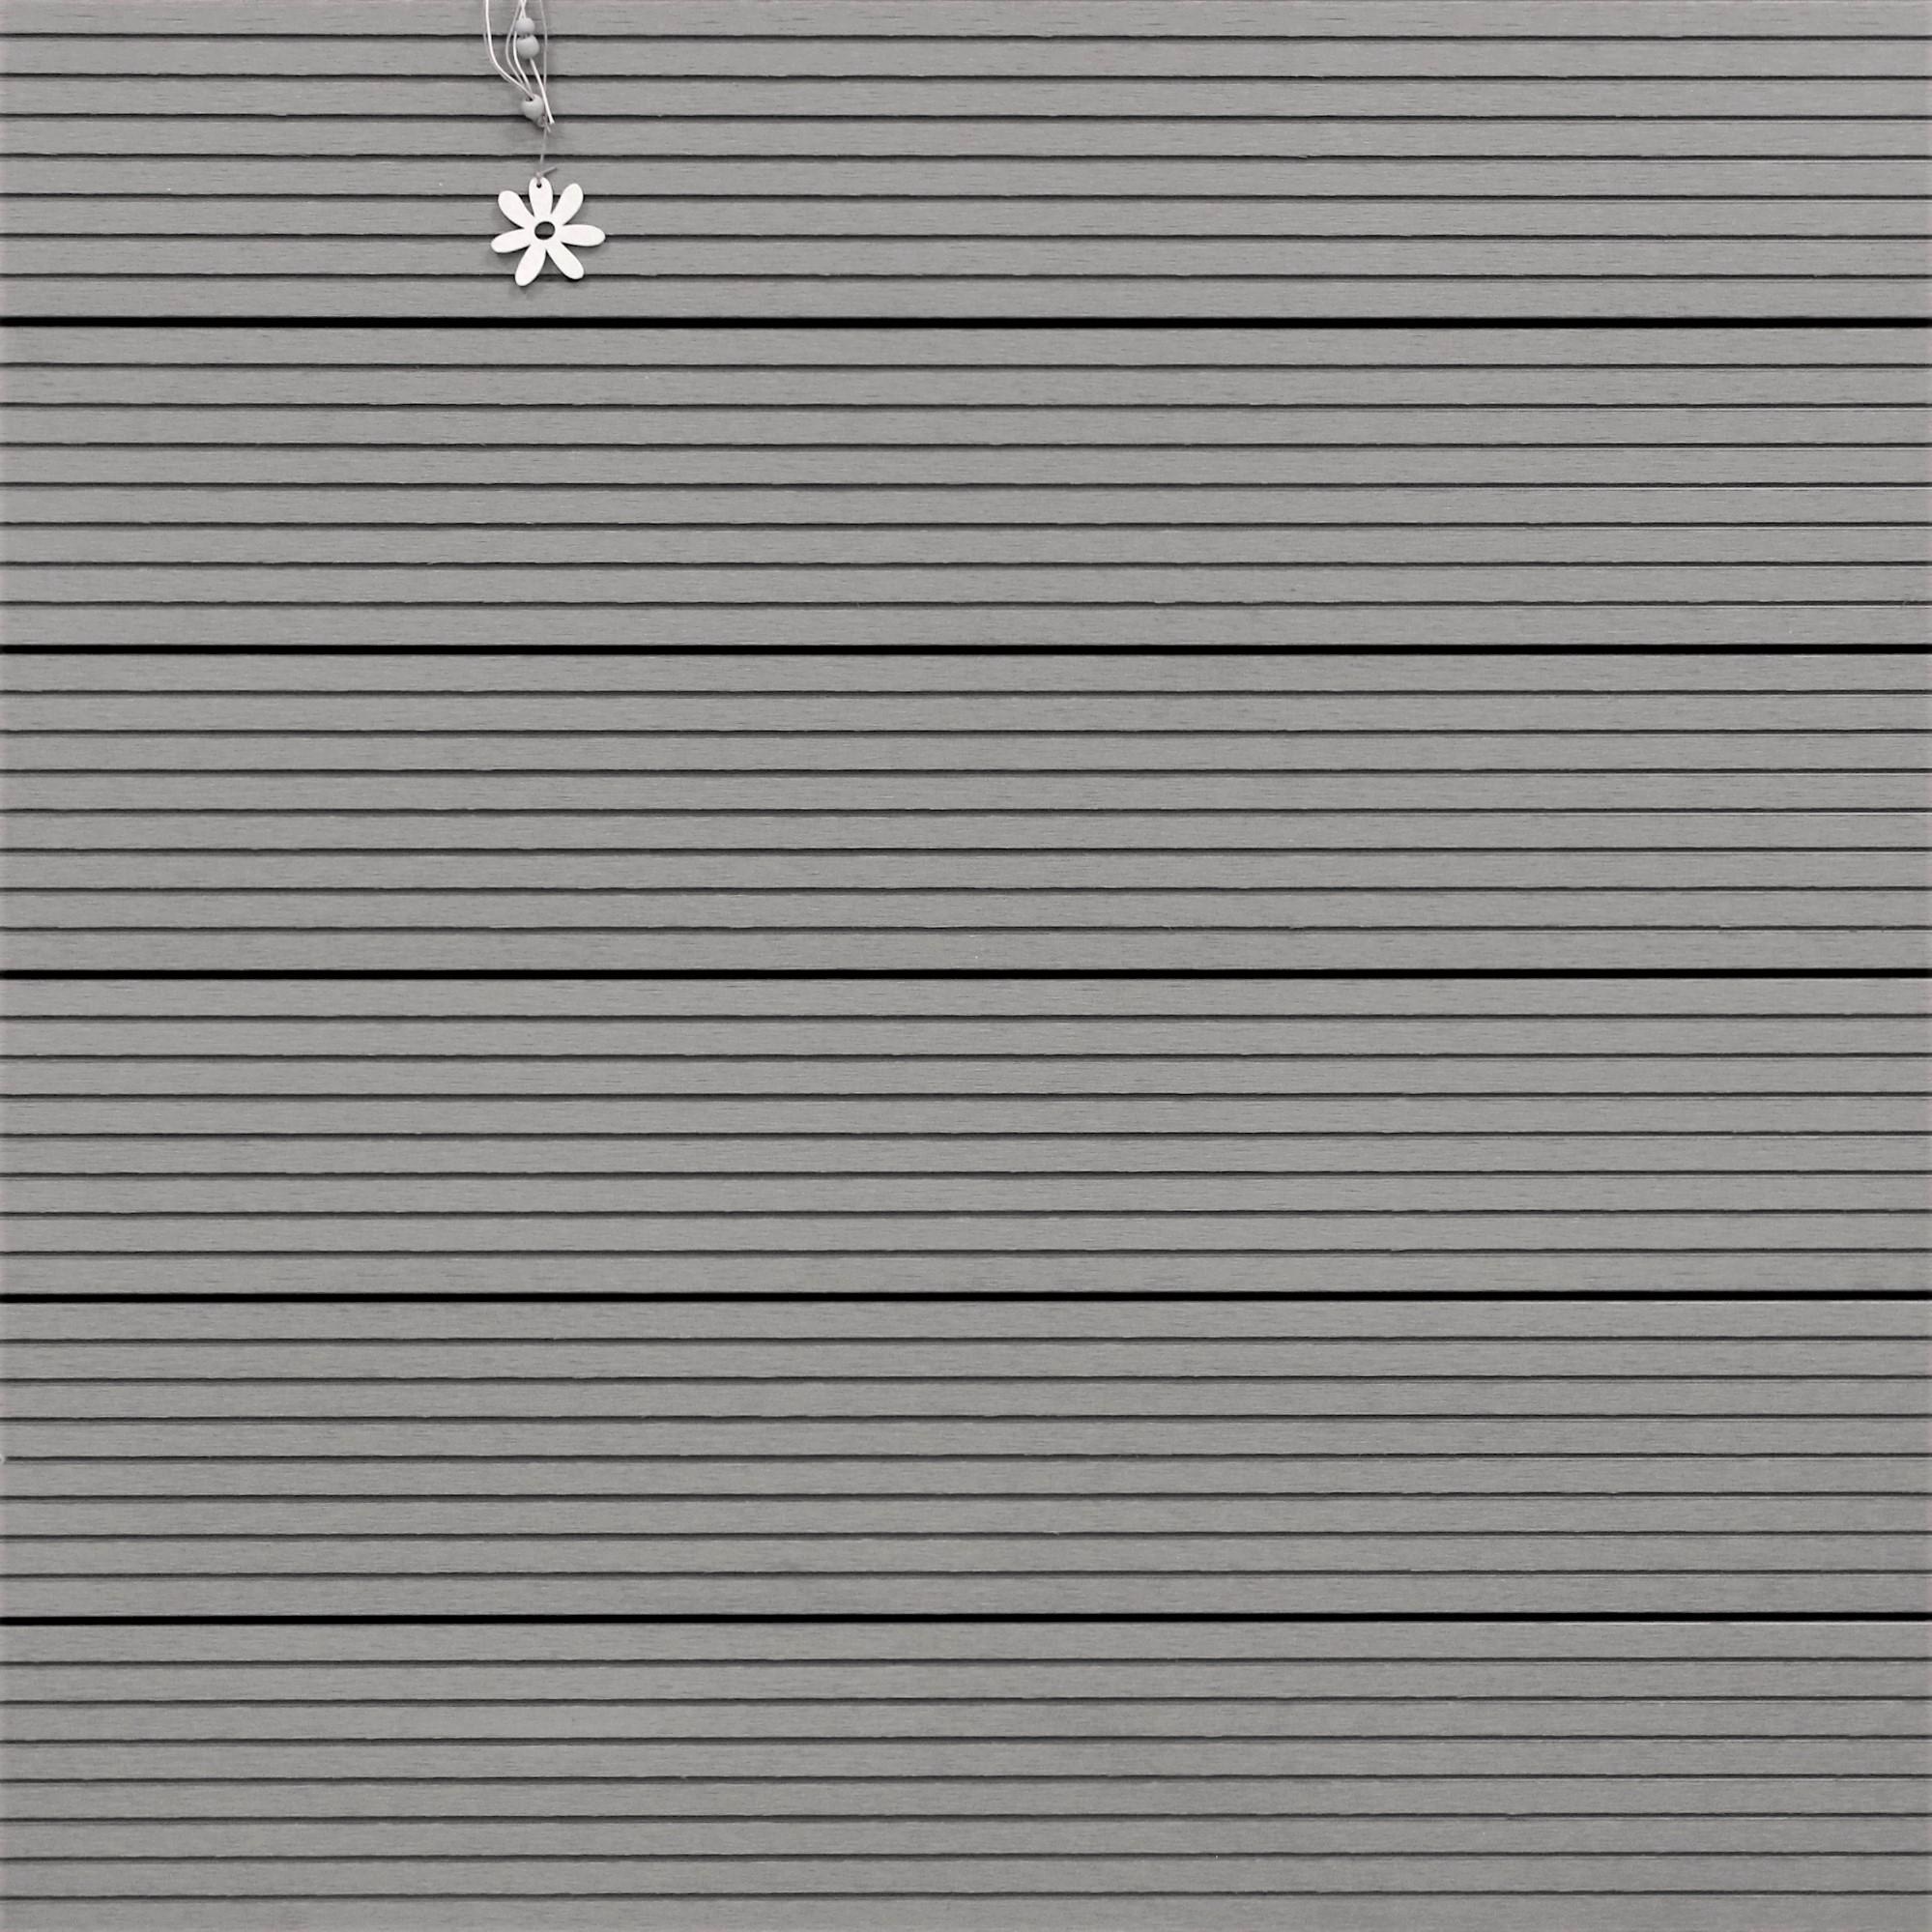 WPC Terrassendielen massiv, Oberfläche grob genutet, Farbton hellgrau, 22 x 143 bis 4800 mm für 8,95 €/lfm